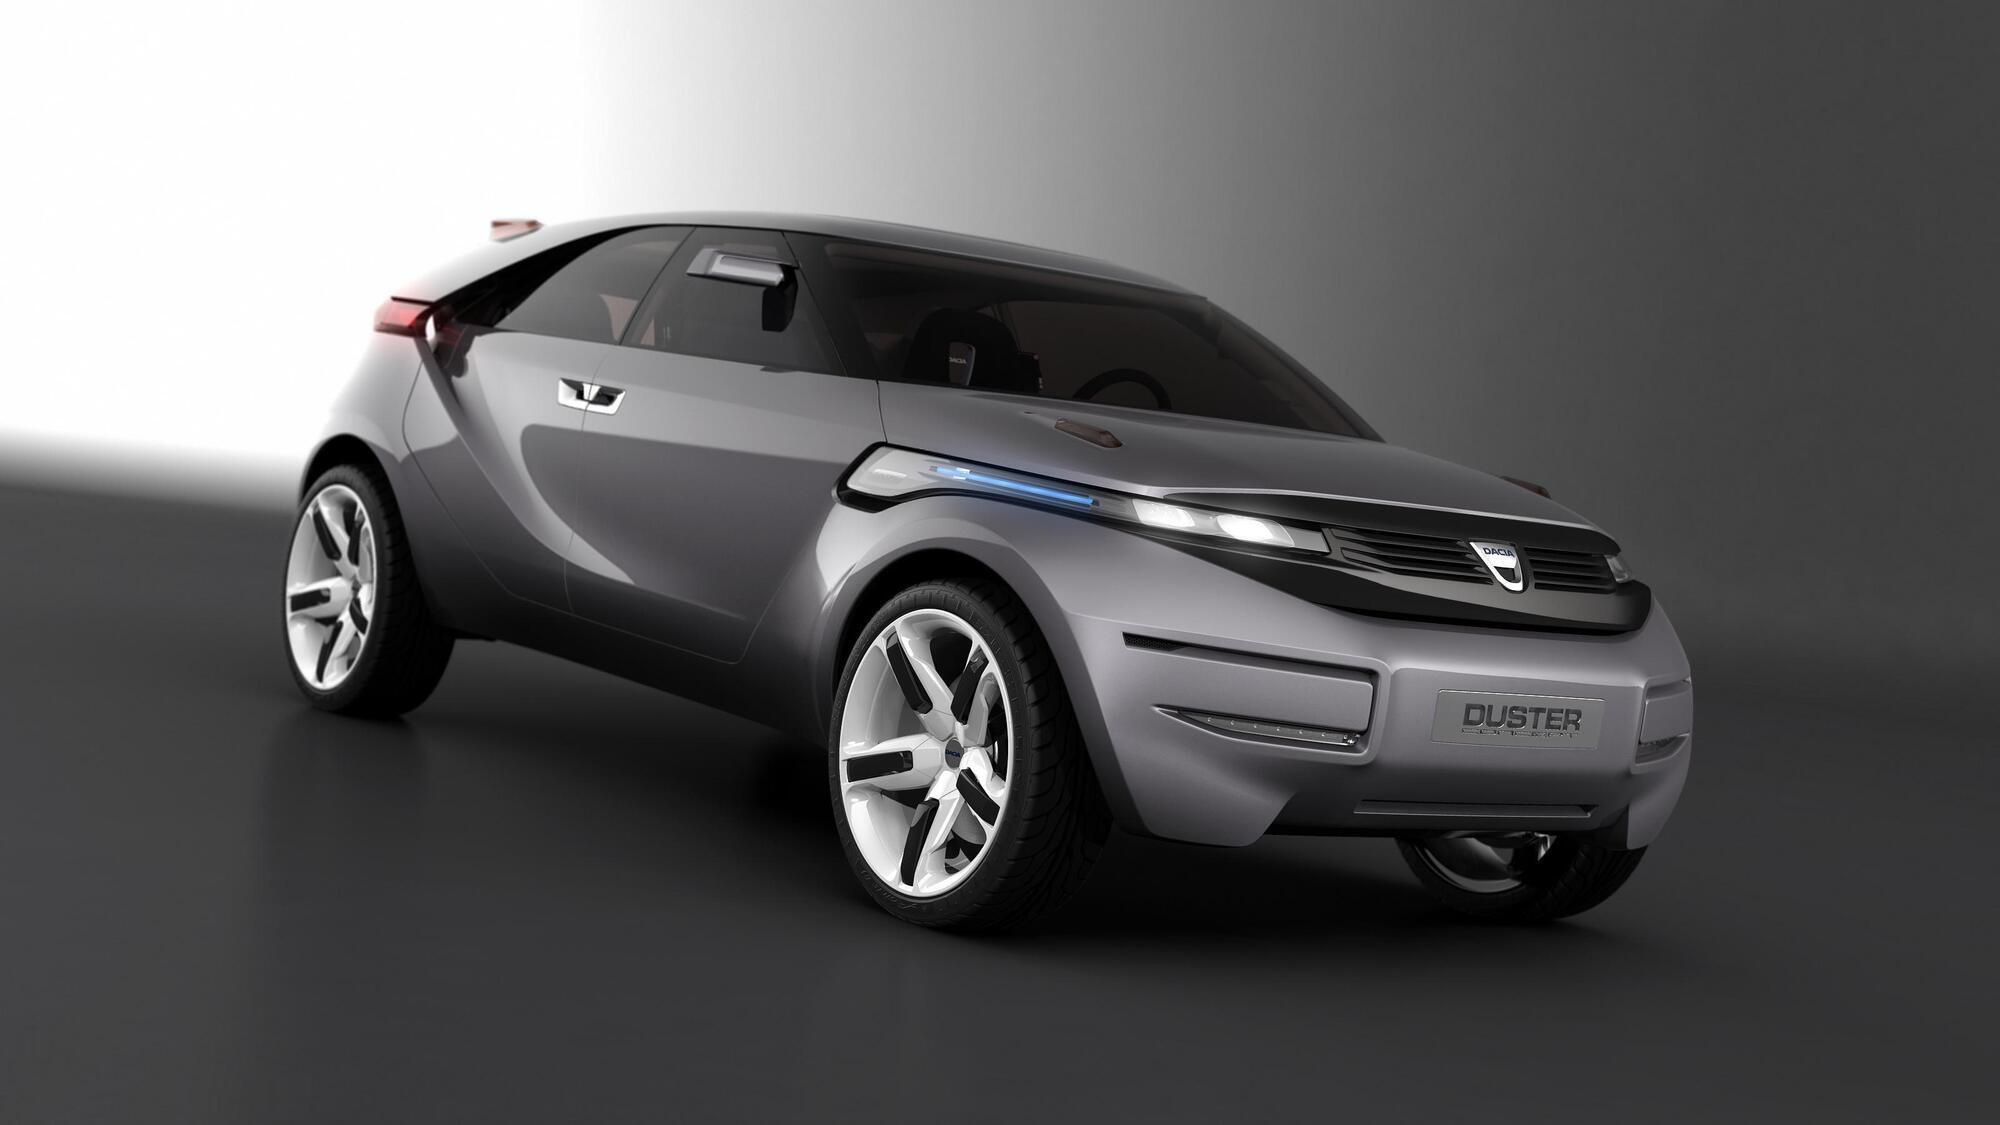 С концептом Duster компания Dacia продемонстрировала потенциал